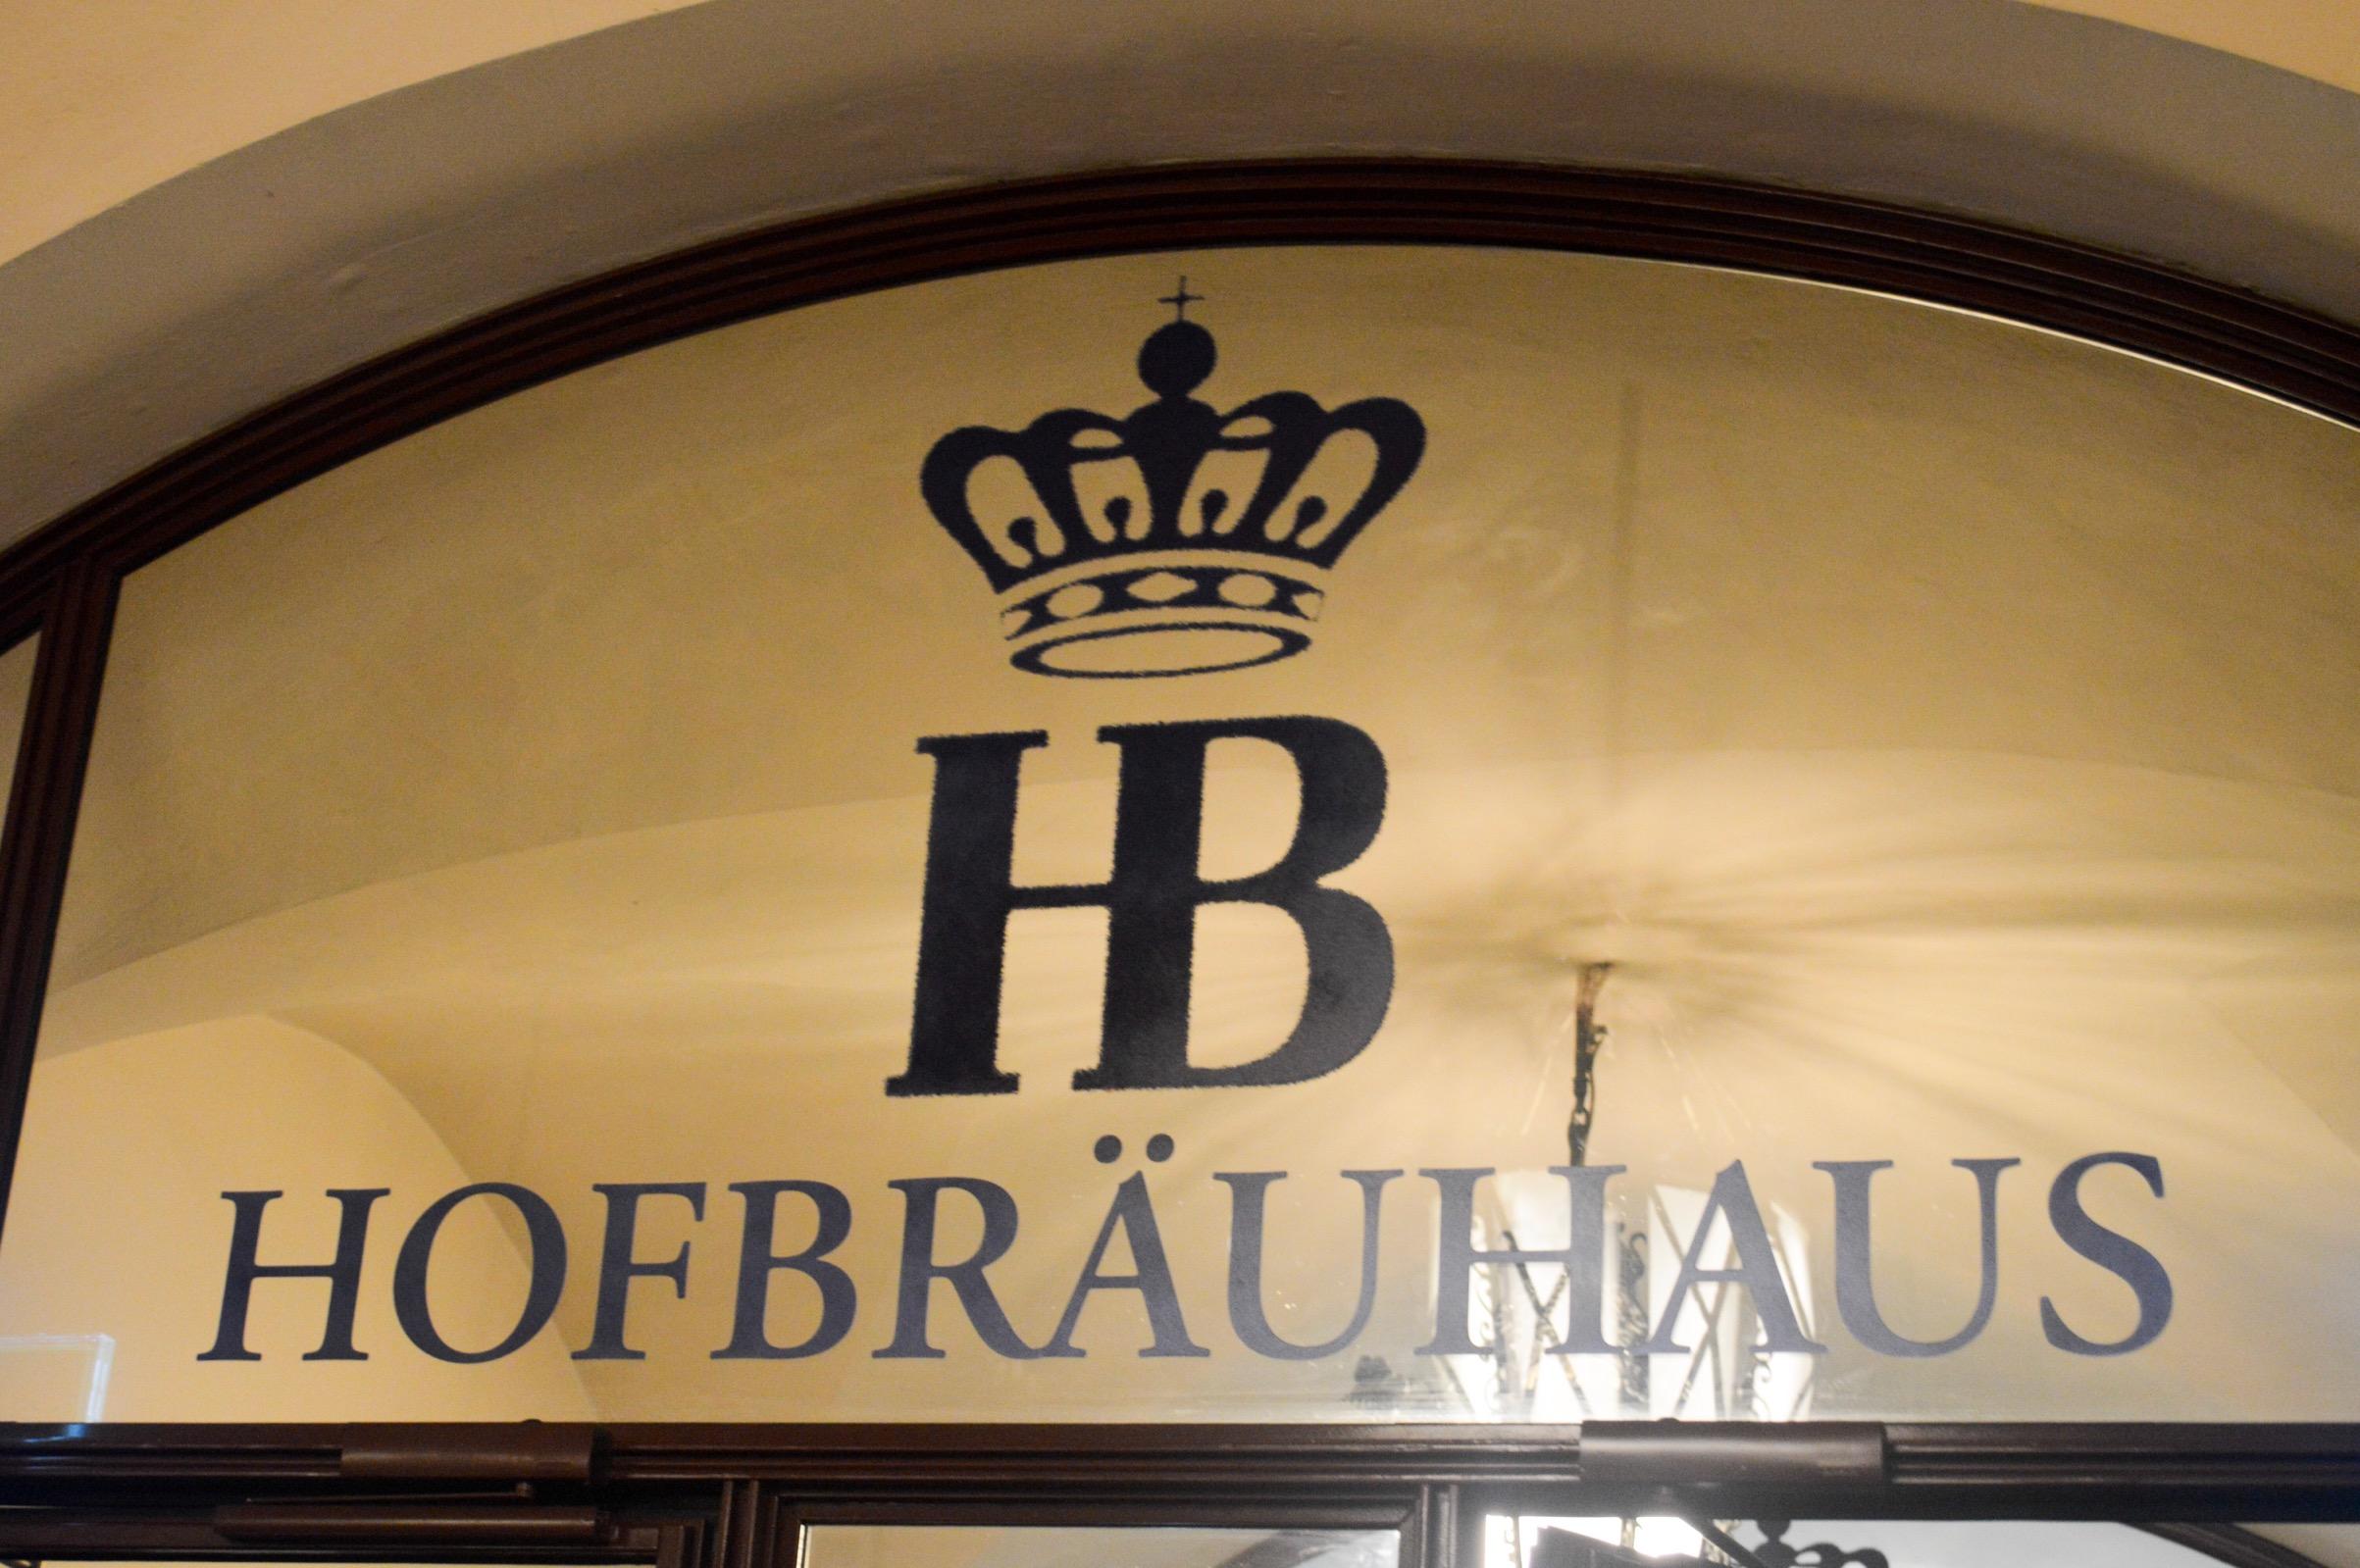 Hofbräuhaus, Munich, Germany